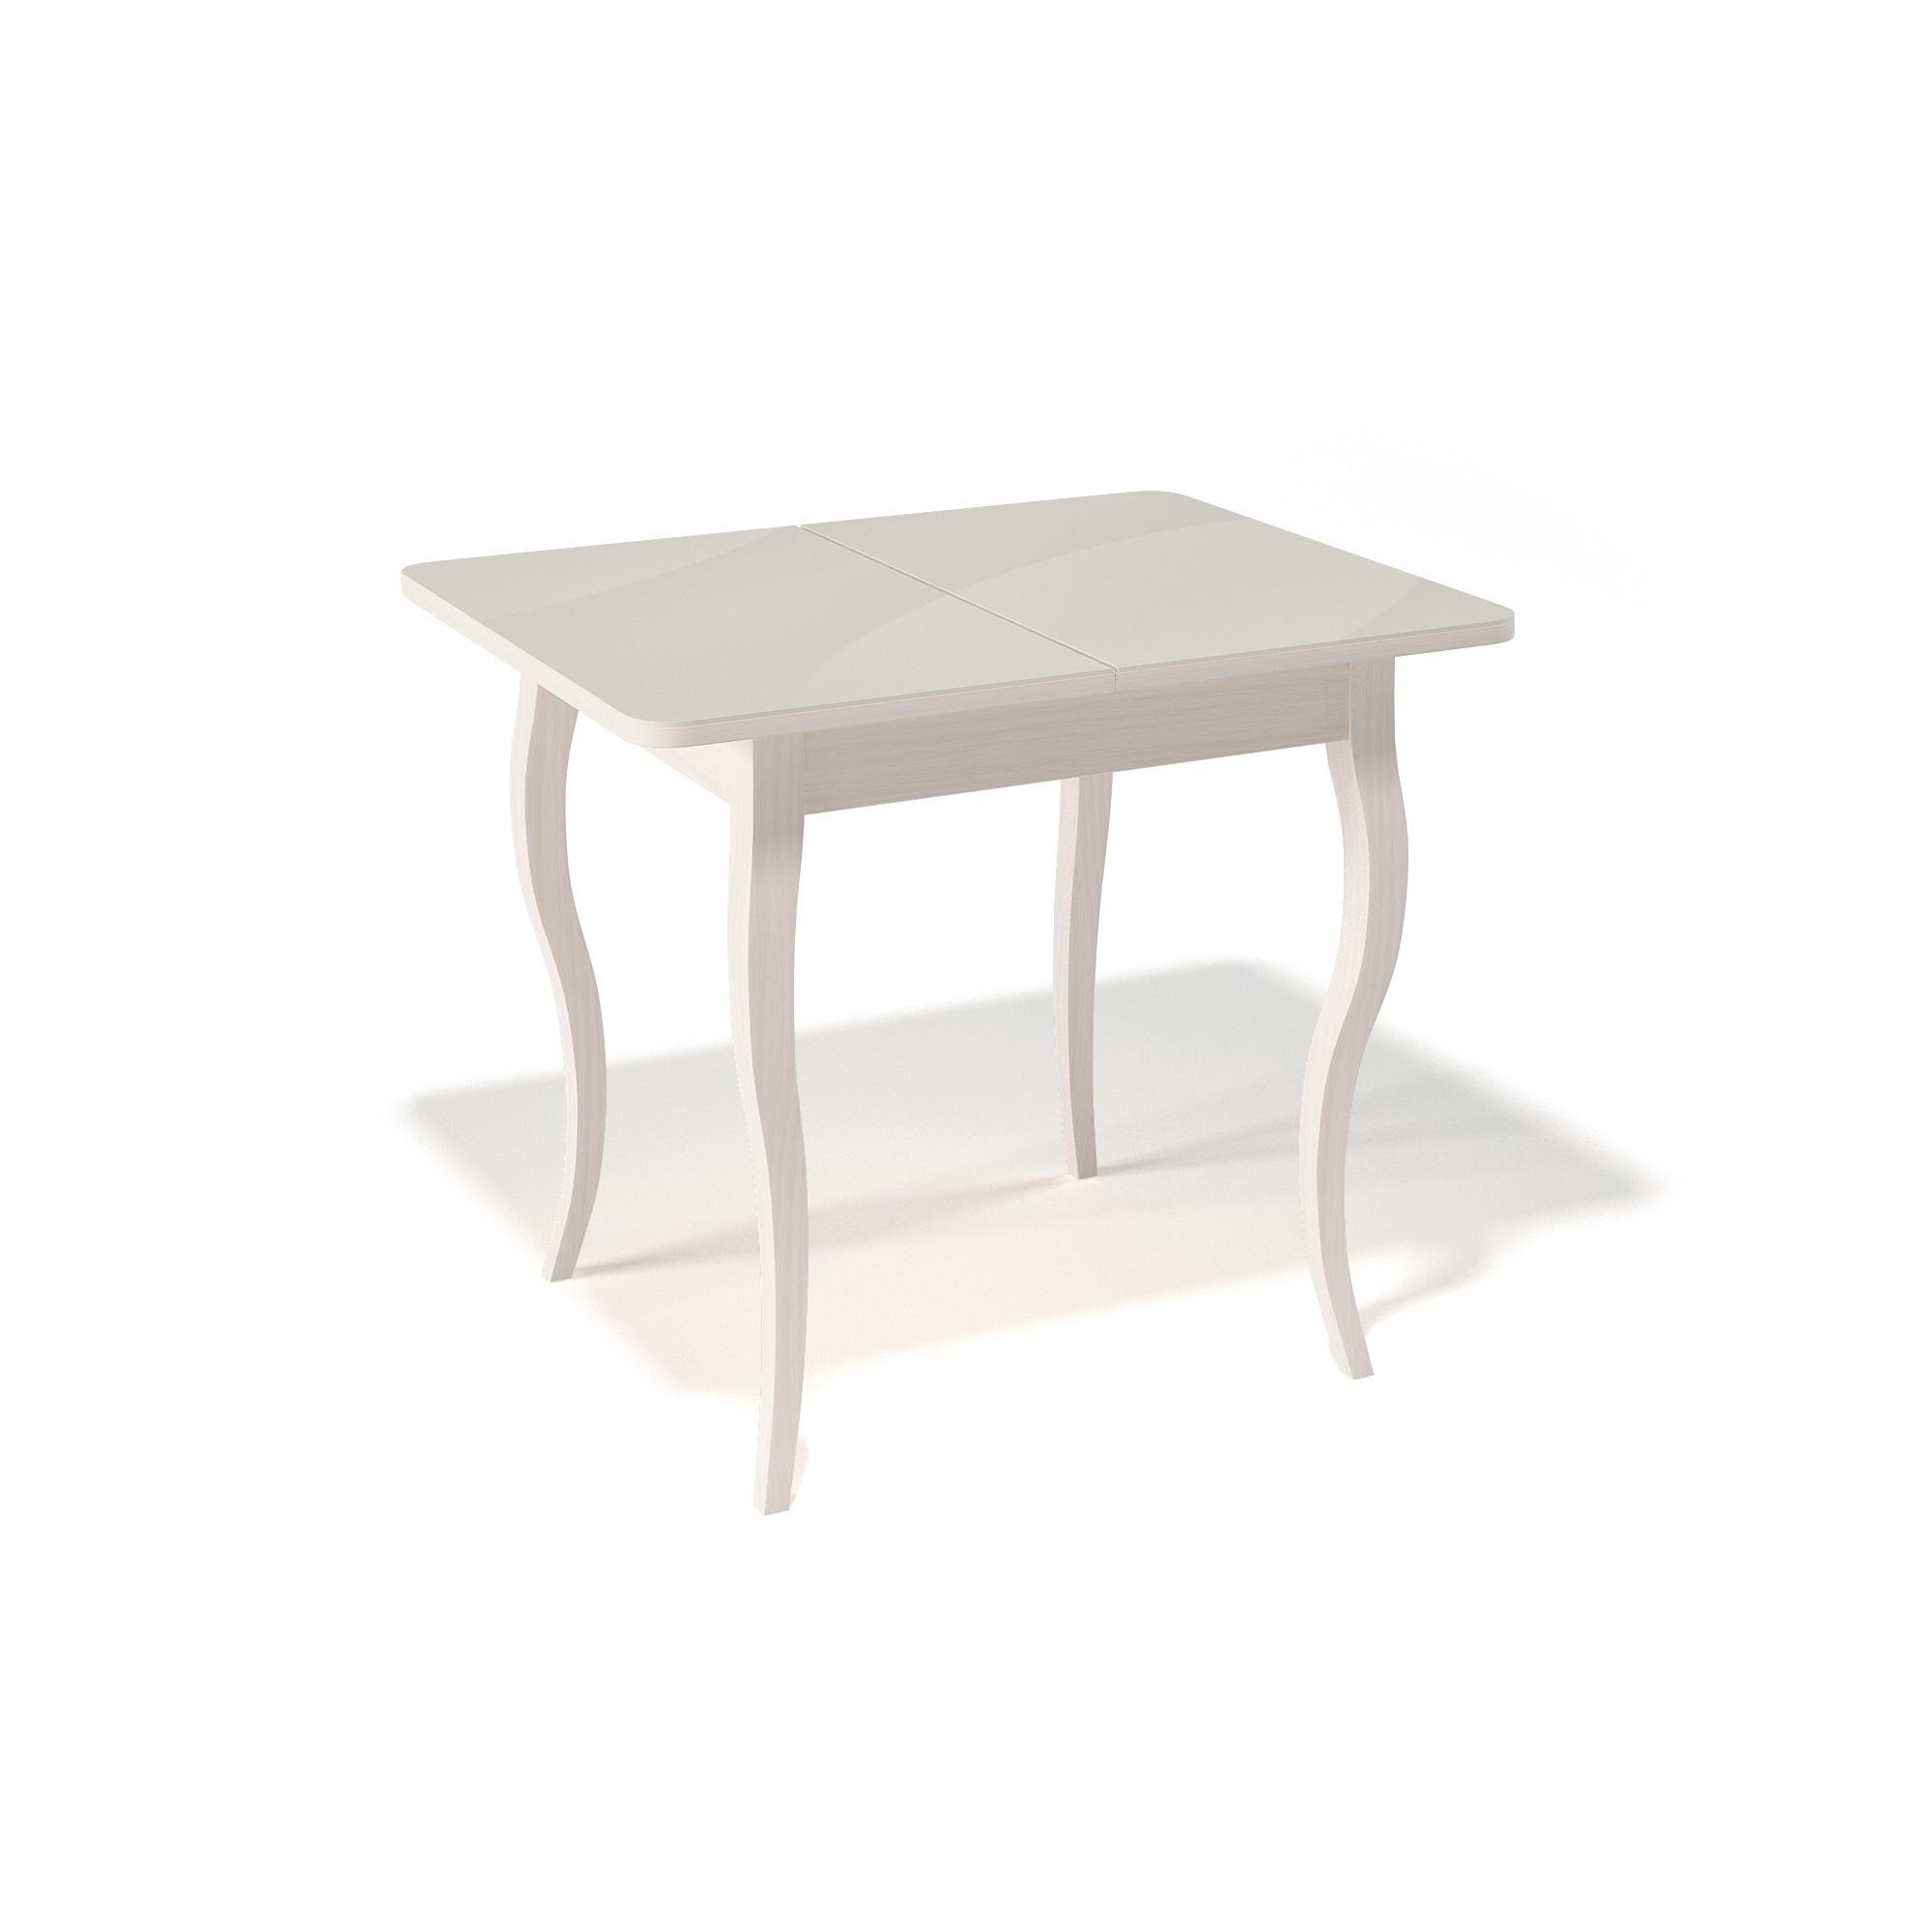 Стол обеденный KennerОбеденные столы<br>Ножки стола выполнены из массива бука, столешница - ДСП+стекло 4мм.&amp;amp;nbsp;&amp;lt;div&amp;gt;М&amp;lt;span style=&amp;quot;font-size: 14px;&amp;quot;&amp;gt;еханизм раскладки: синхронный, легкого скольжения.&amp;amp;nbsp;&amp;lt;/span&amp;gt;&amp;lt;/div&amp;gt;&amp;lt;div&amp;gt;&amp;lt;span style=&amp;quot;font-size: 14px;&amp;quot;&amp;gt;На ножках установлены регулировочные винты.&amp;amp;nbsp;&amp;lt;/span&amp;gt;&amp;lt;/div&amp;gt;&amp;lt;div&amp;gt;&amp;lt;span style=&amp;quot;font-size: 14px;&amp;quot;&amp;gt;Фурнитура в комплекте.&amp;amp;nbsp;&amp;lt;/span&amp;gt;&amp;lt;/div&amp;gt;&amp;lt;div&amp;gt;&amp;lt;span style=&amp;quot;font-size: 14px;&amp;quot;&amp;gt;Стол раскладной,вставка &amp;quot;бабочка&amp;quot; со стеклом.&amp;lt;/span&amp;gt;&amp;lt;/div&amp;gt;&amp;lt;div&amp;gt;&amp;lt;span style=&amp;quot;font-size: 14px;&amp;quot;&amp;gt;Размер столешницы в разложенном виде: 120х70 см.&amp;lt;/span&amp;gt;&amp;lt;/div&amp;gt;<br><br>Material: Дерево<br>Ширина см: 90.0<br>Высота см: 75.0<br>Глубина см: 70.0